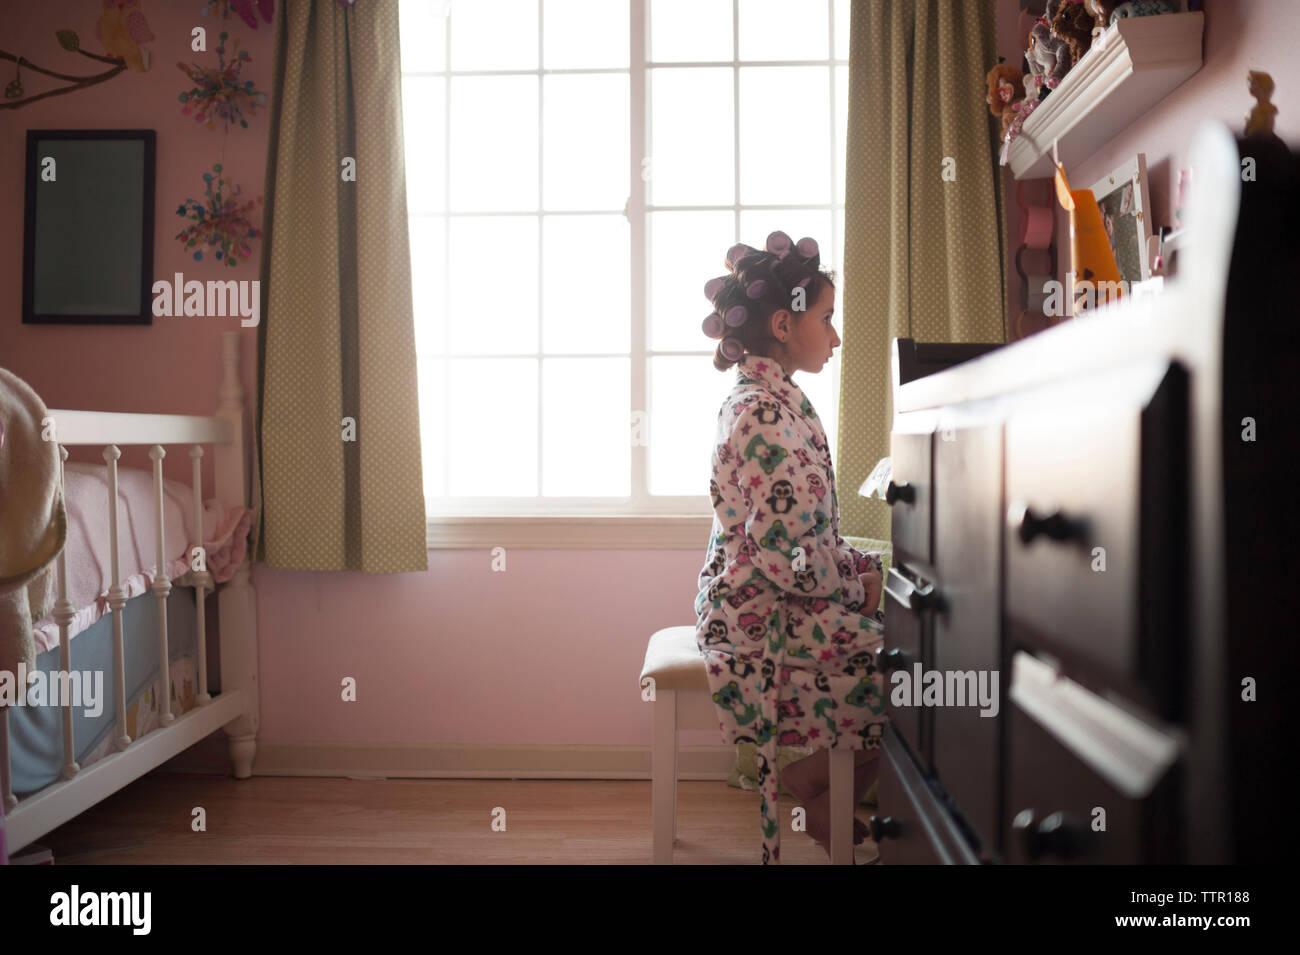 Vista lateral de la niña con rizadores de pelo sentado en heces en dormitorio Imagen De Stock